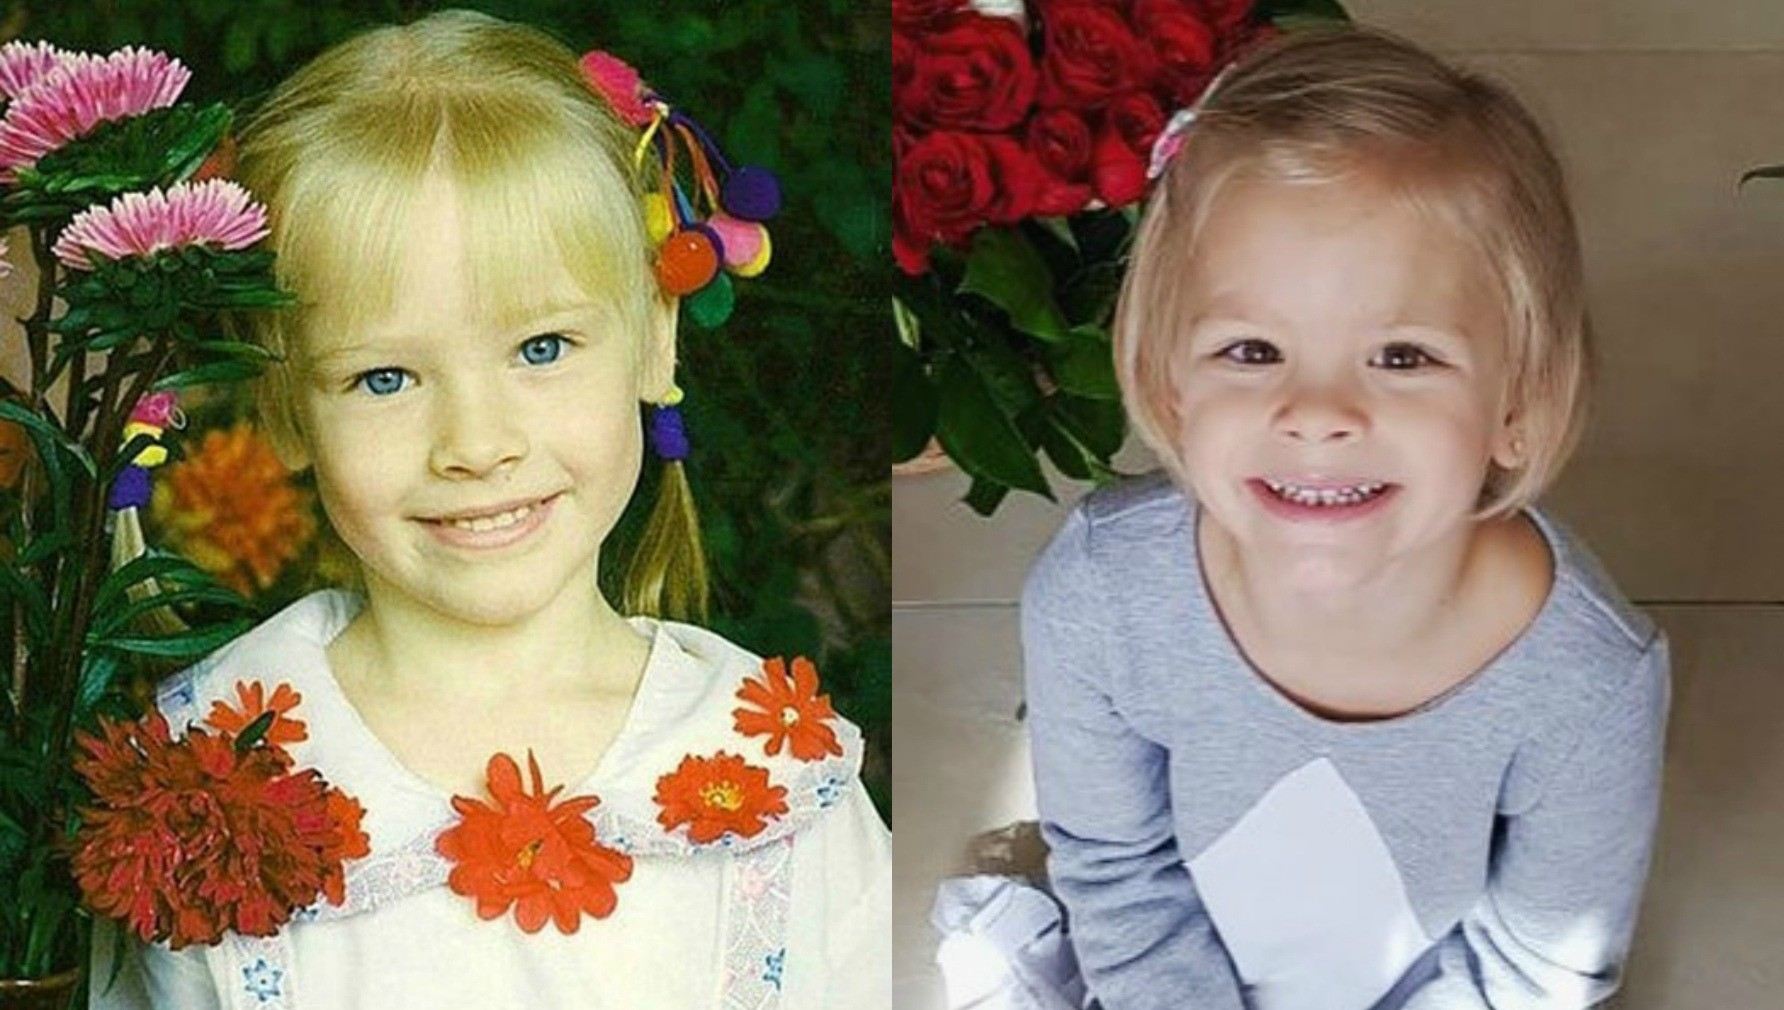 «Без силикона и филлеров»: в сети обсуждают, какими вырастут дети Тимати от Алены Шишковой и Анастасии Решетовой